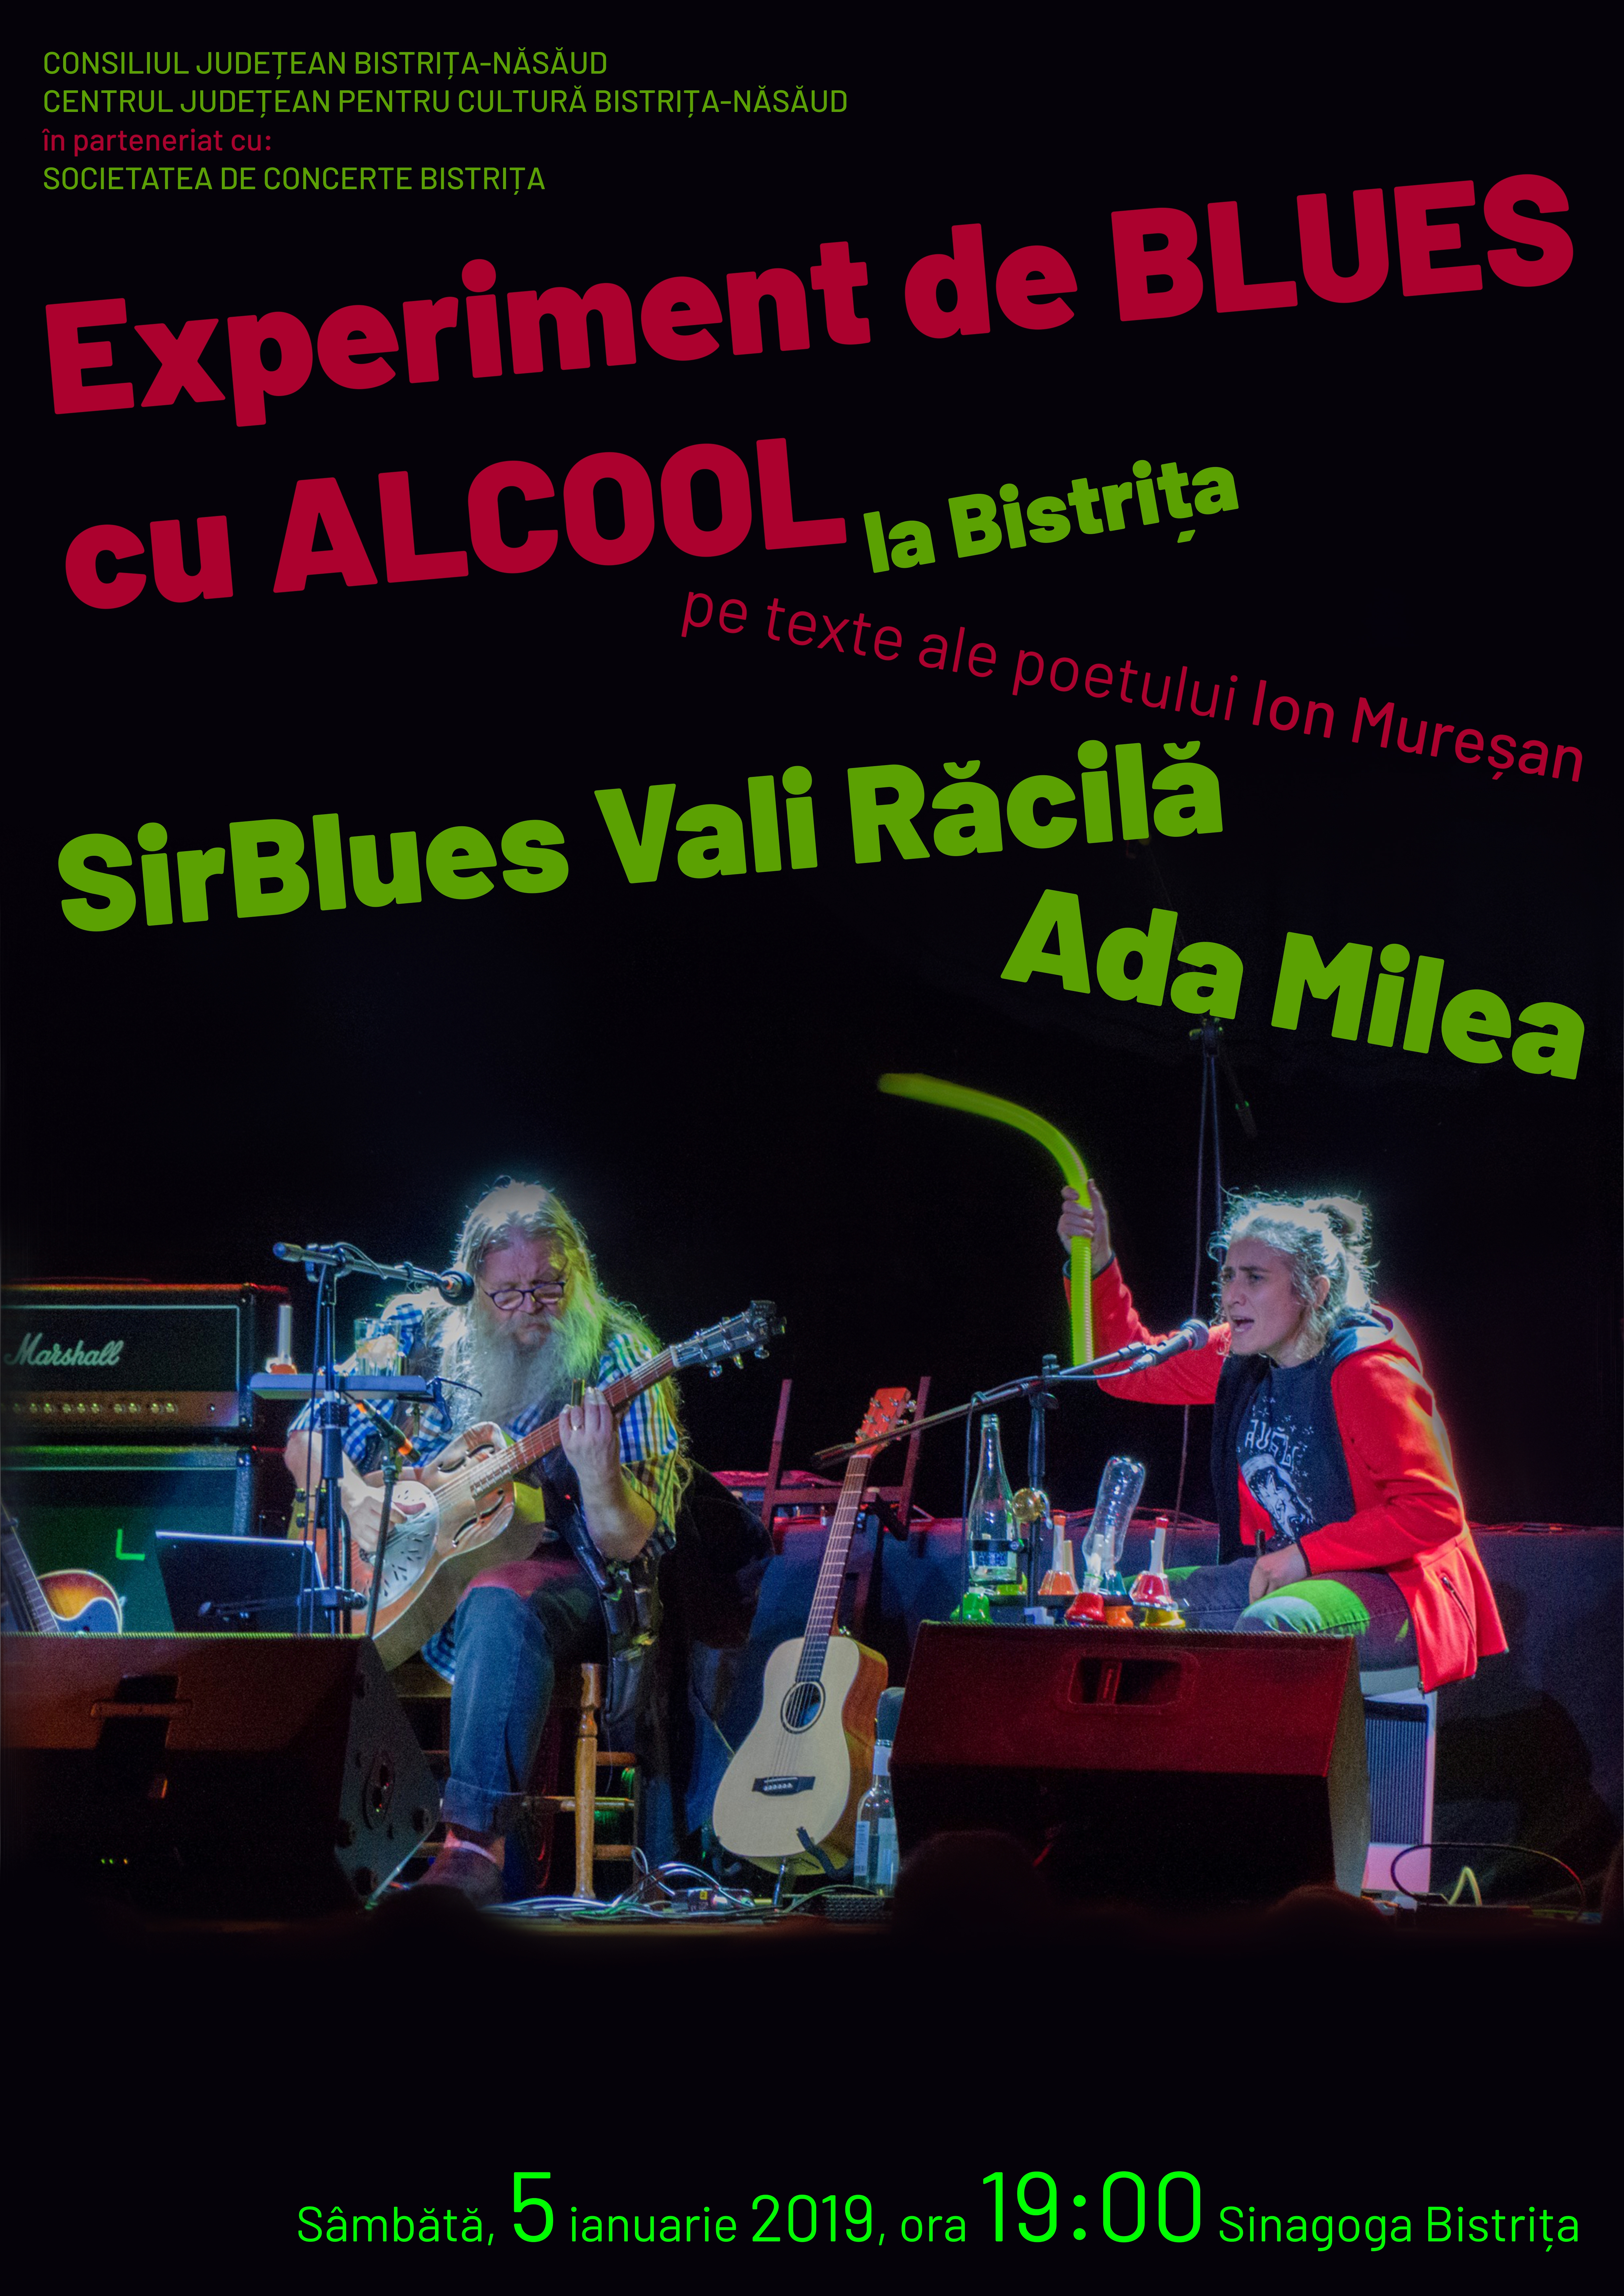 Ada Milea & SirBlues Vali Răcilă: experiment de BLUES cu ALCOOL la Bistrița, pe texte ale poetului Ion Mureșan